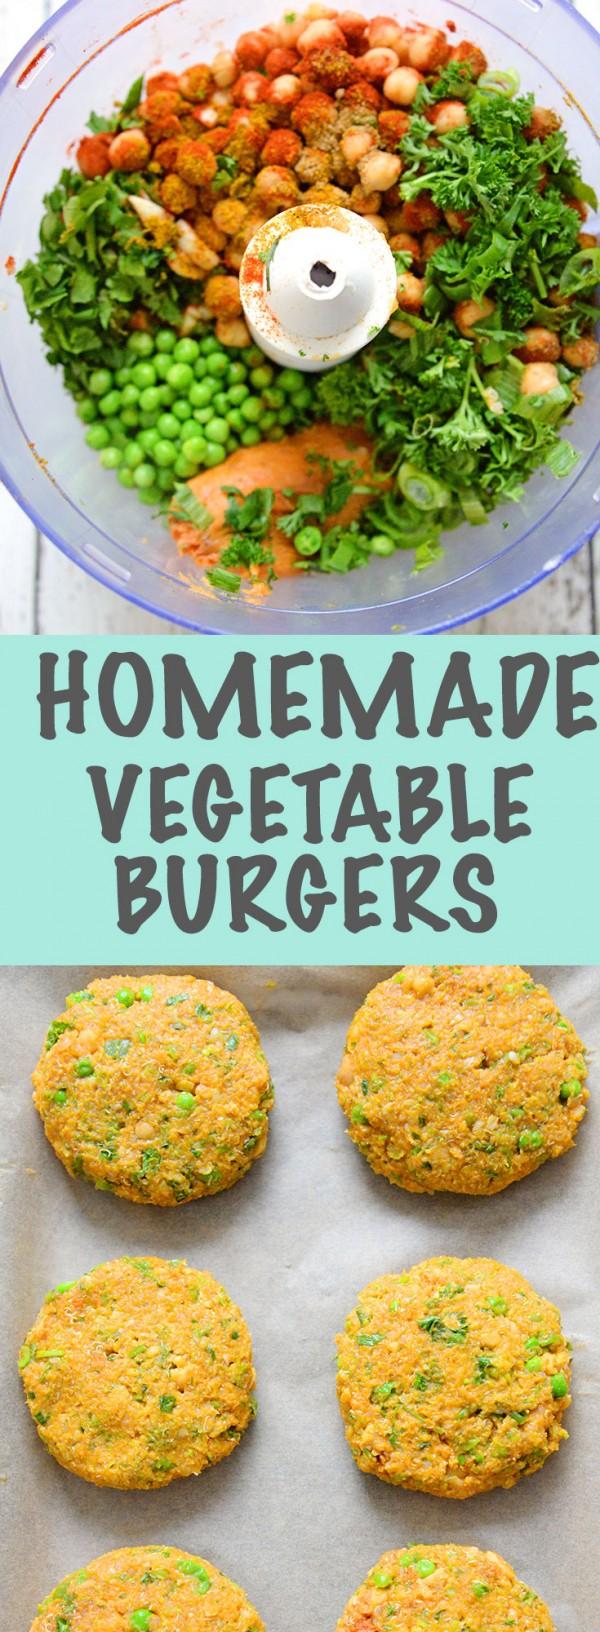 Get the recipe Homemade Vegetables Burgers @recipes_to_go